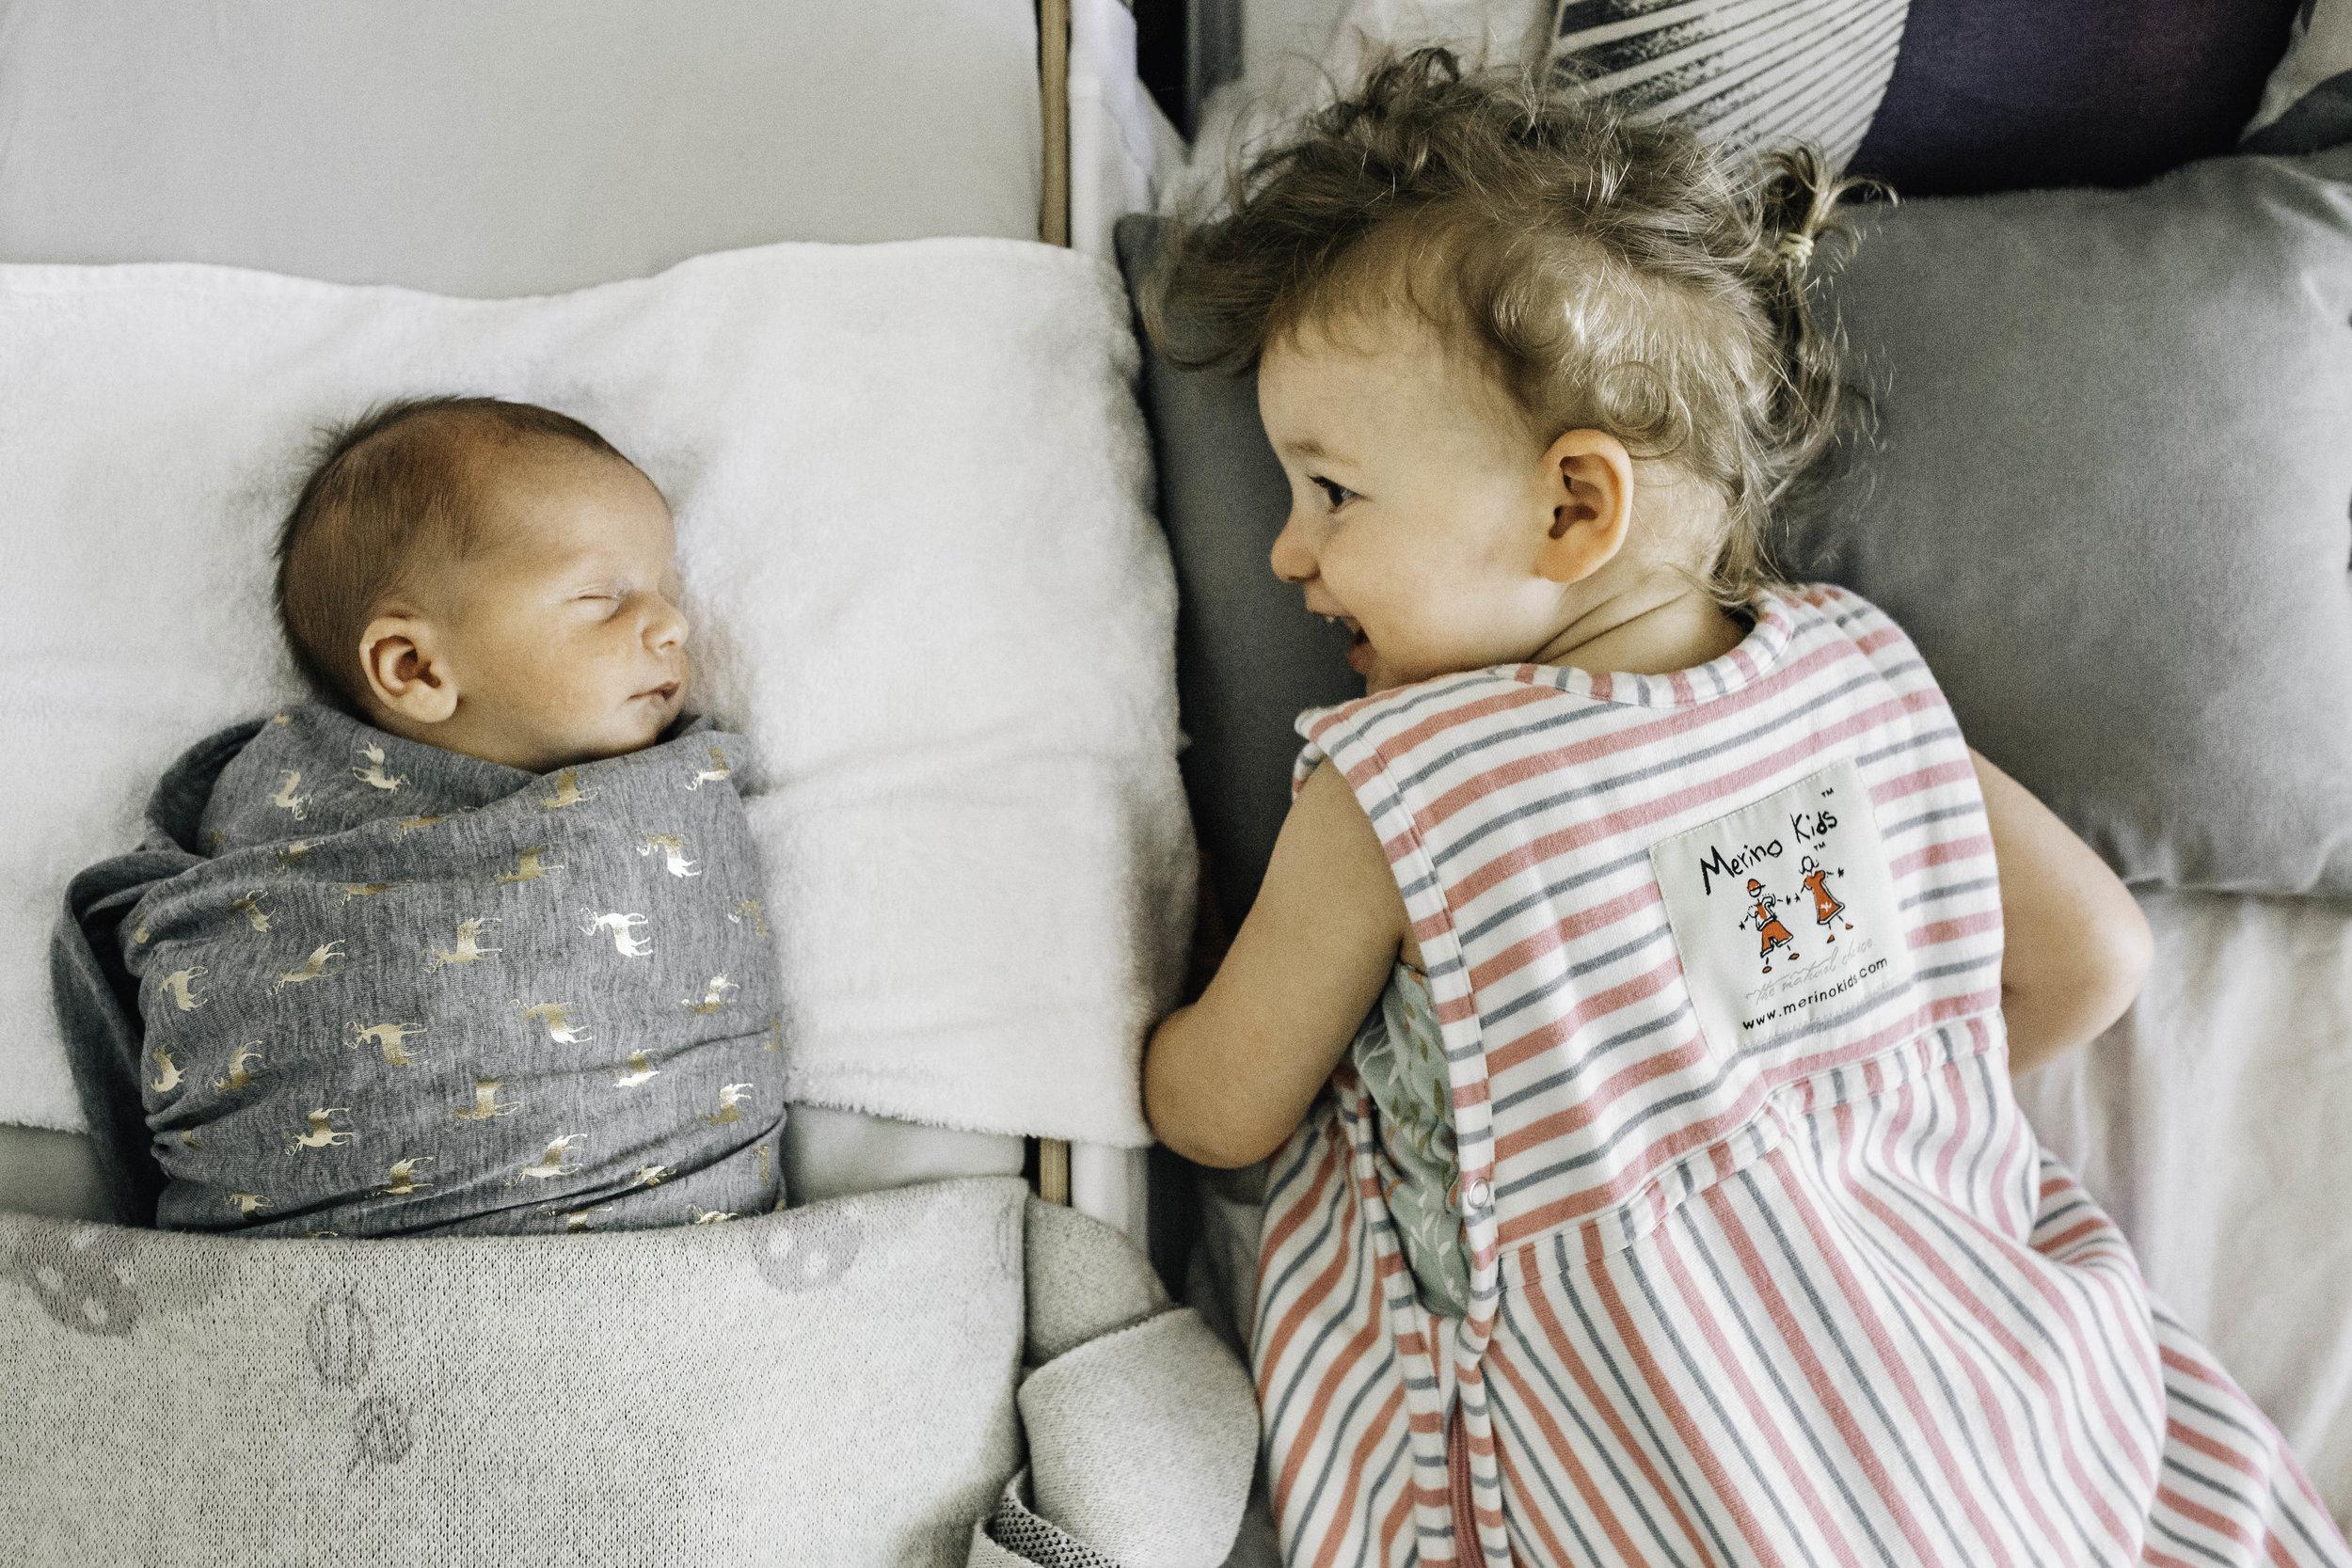 baby-sleeping-next-to-toddler-sister.jpg